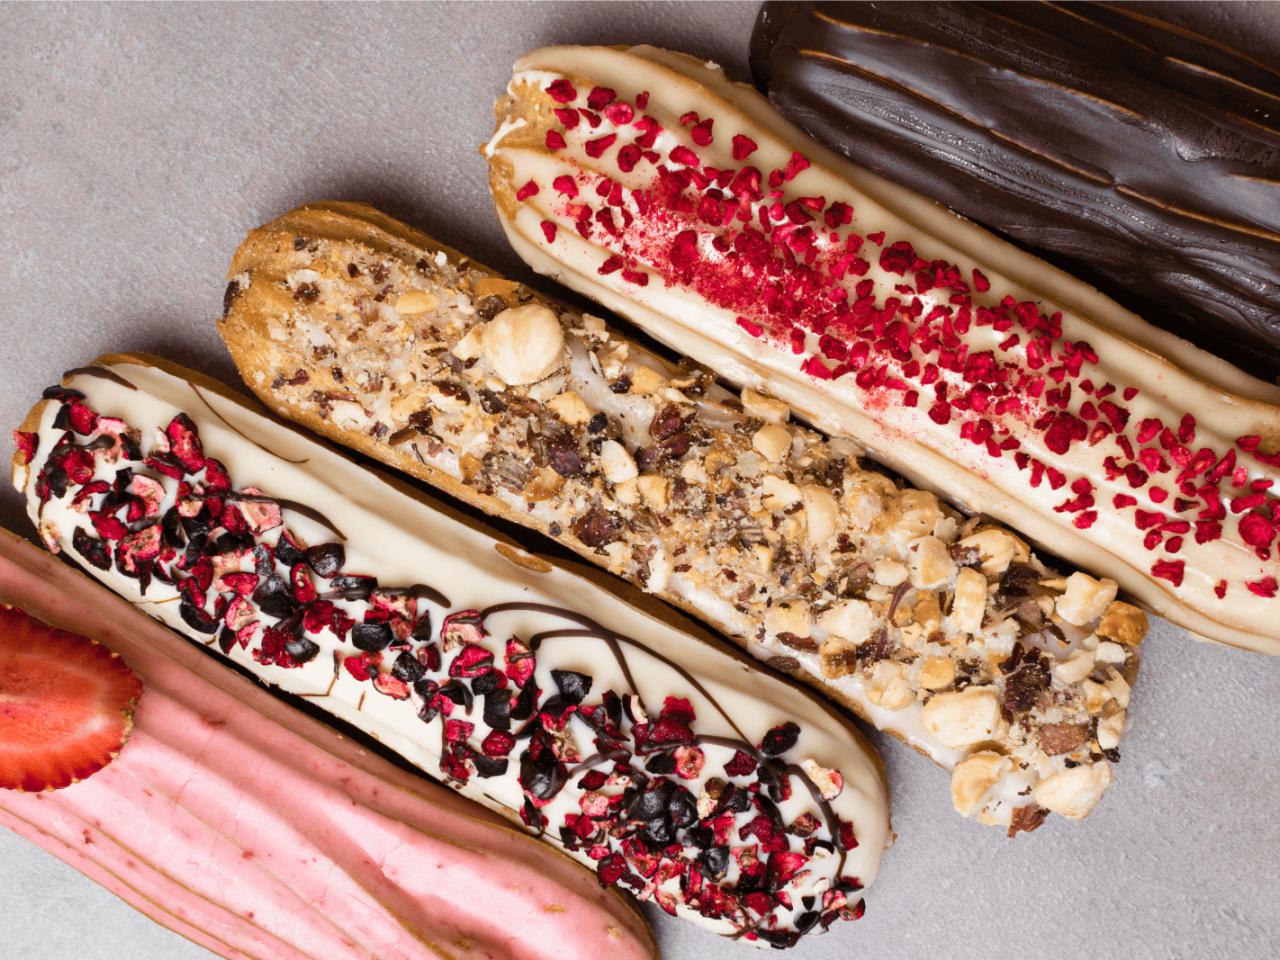 Dolci e pasticceria francese: dolci da provare a Parigi